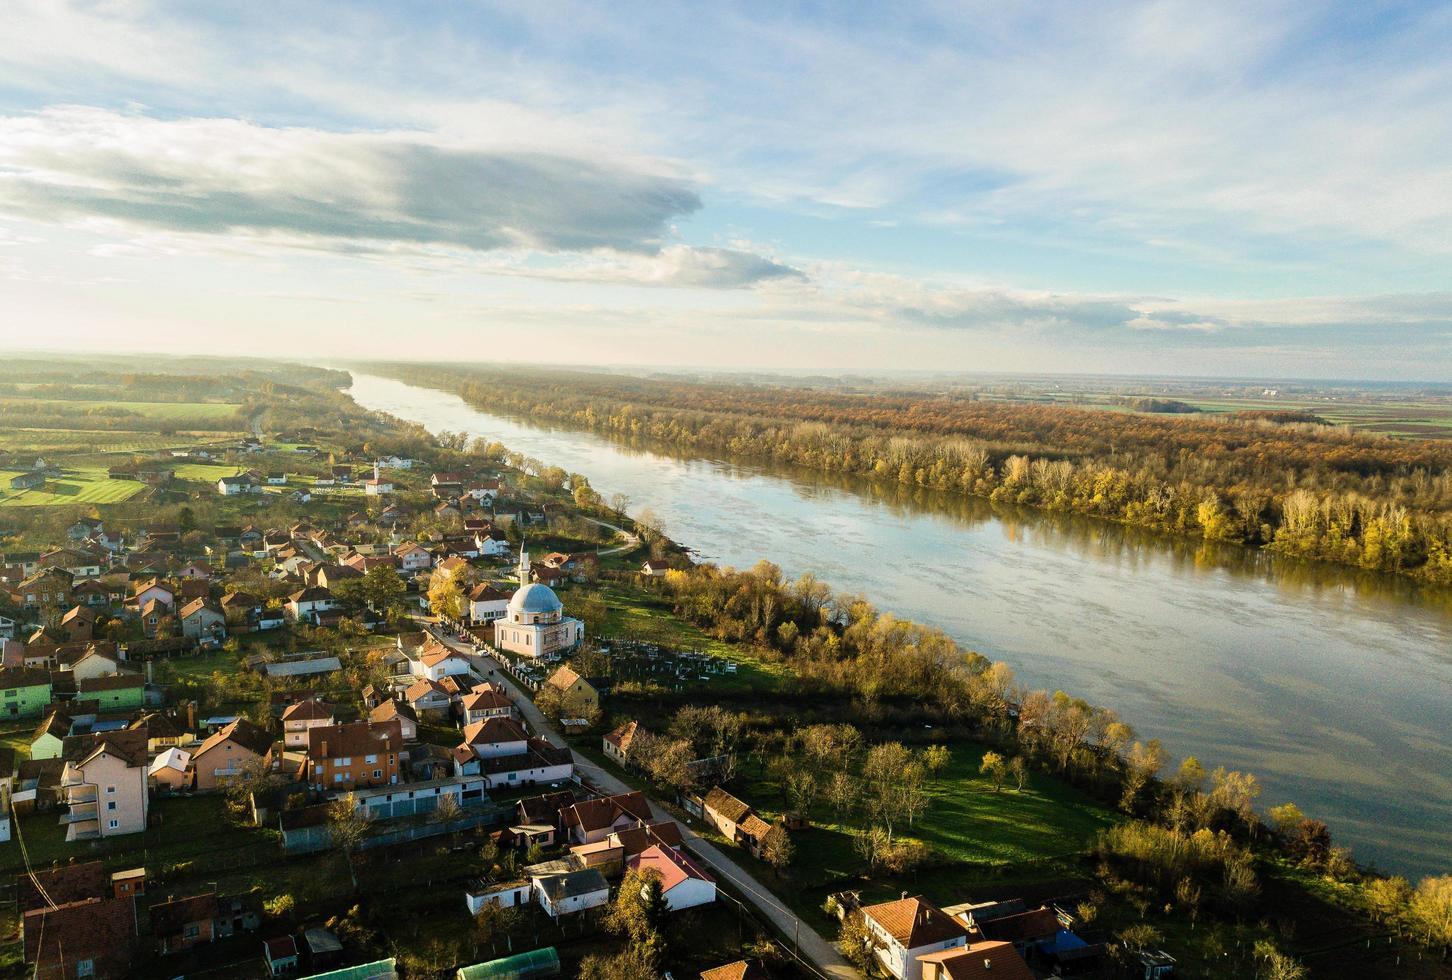 vista aérea de la ciudad y el río. foto